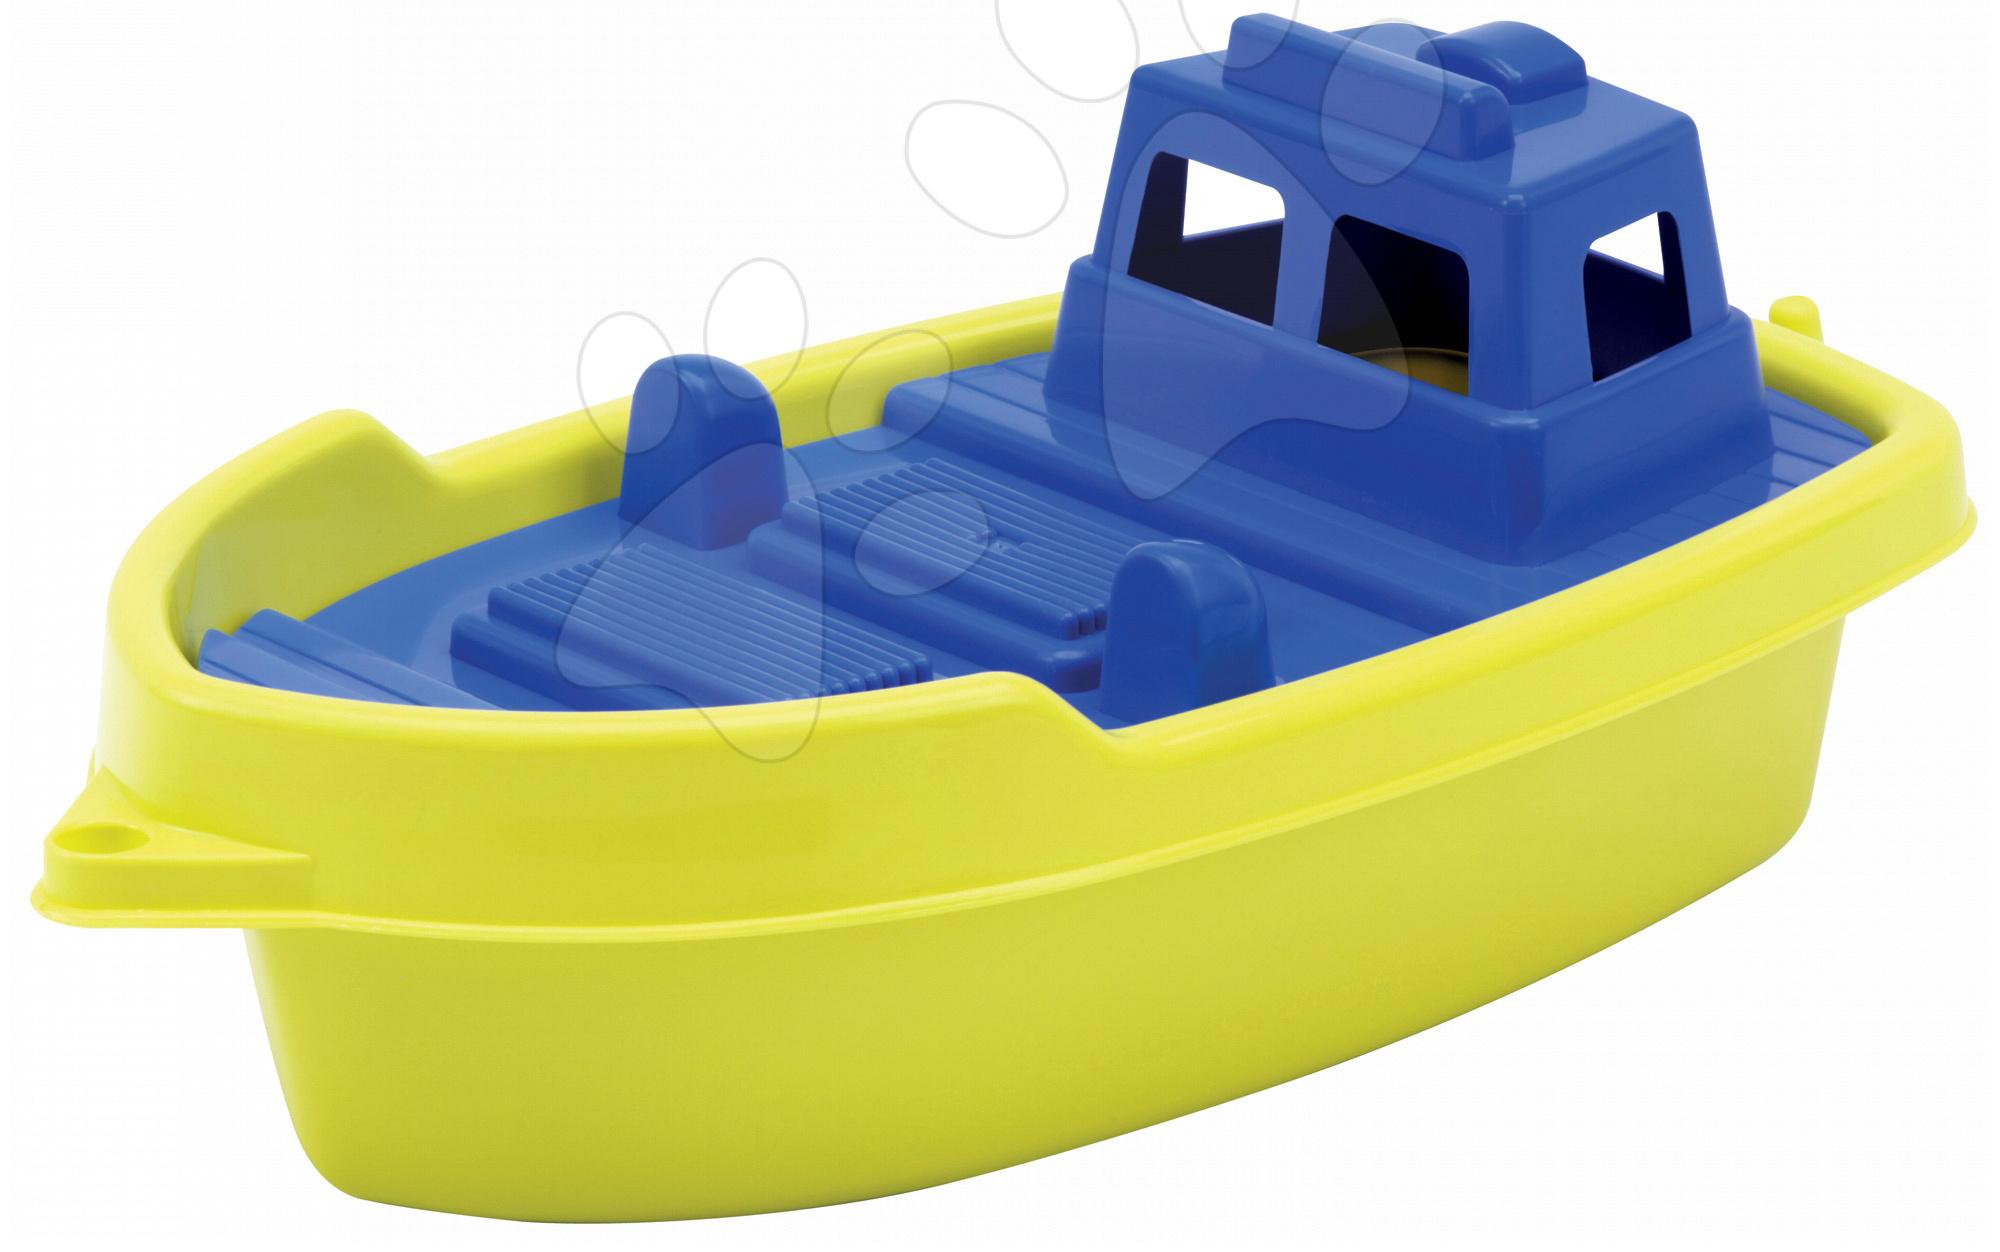 Ladjica za v vodo Écoiffier (dolžina 33,5 cm) rumeno-modra od 18 mes